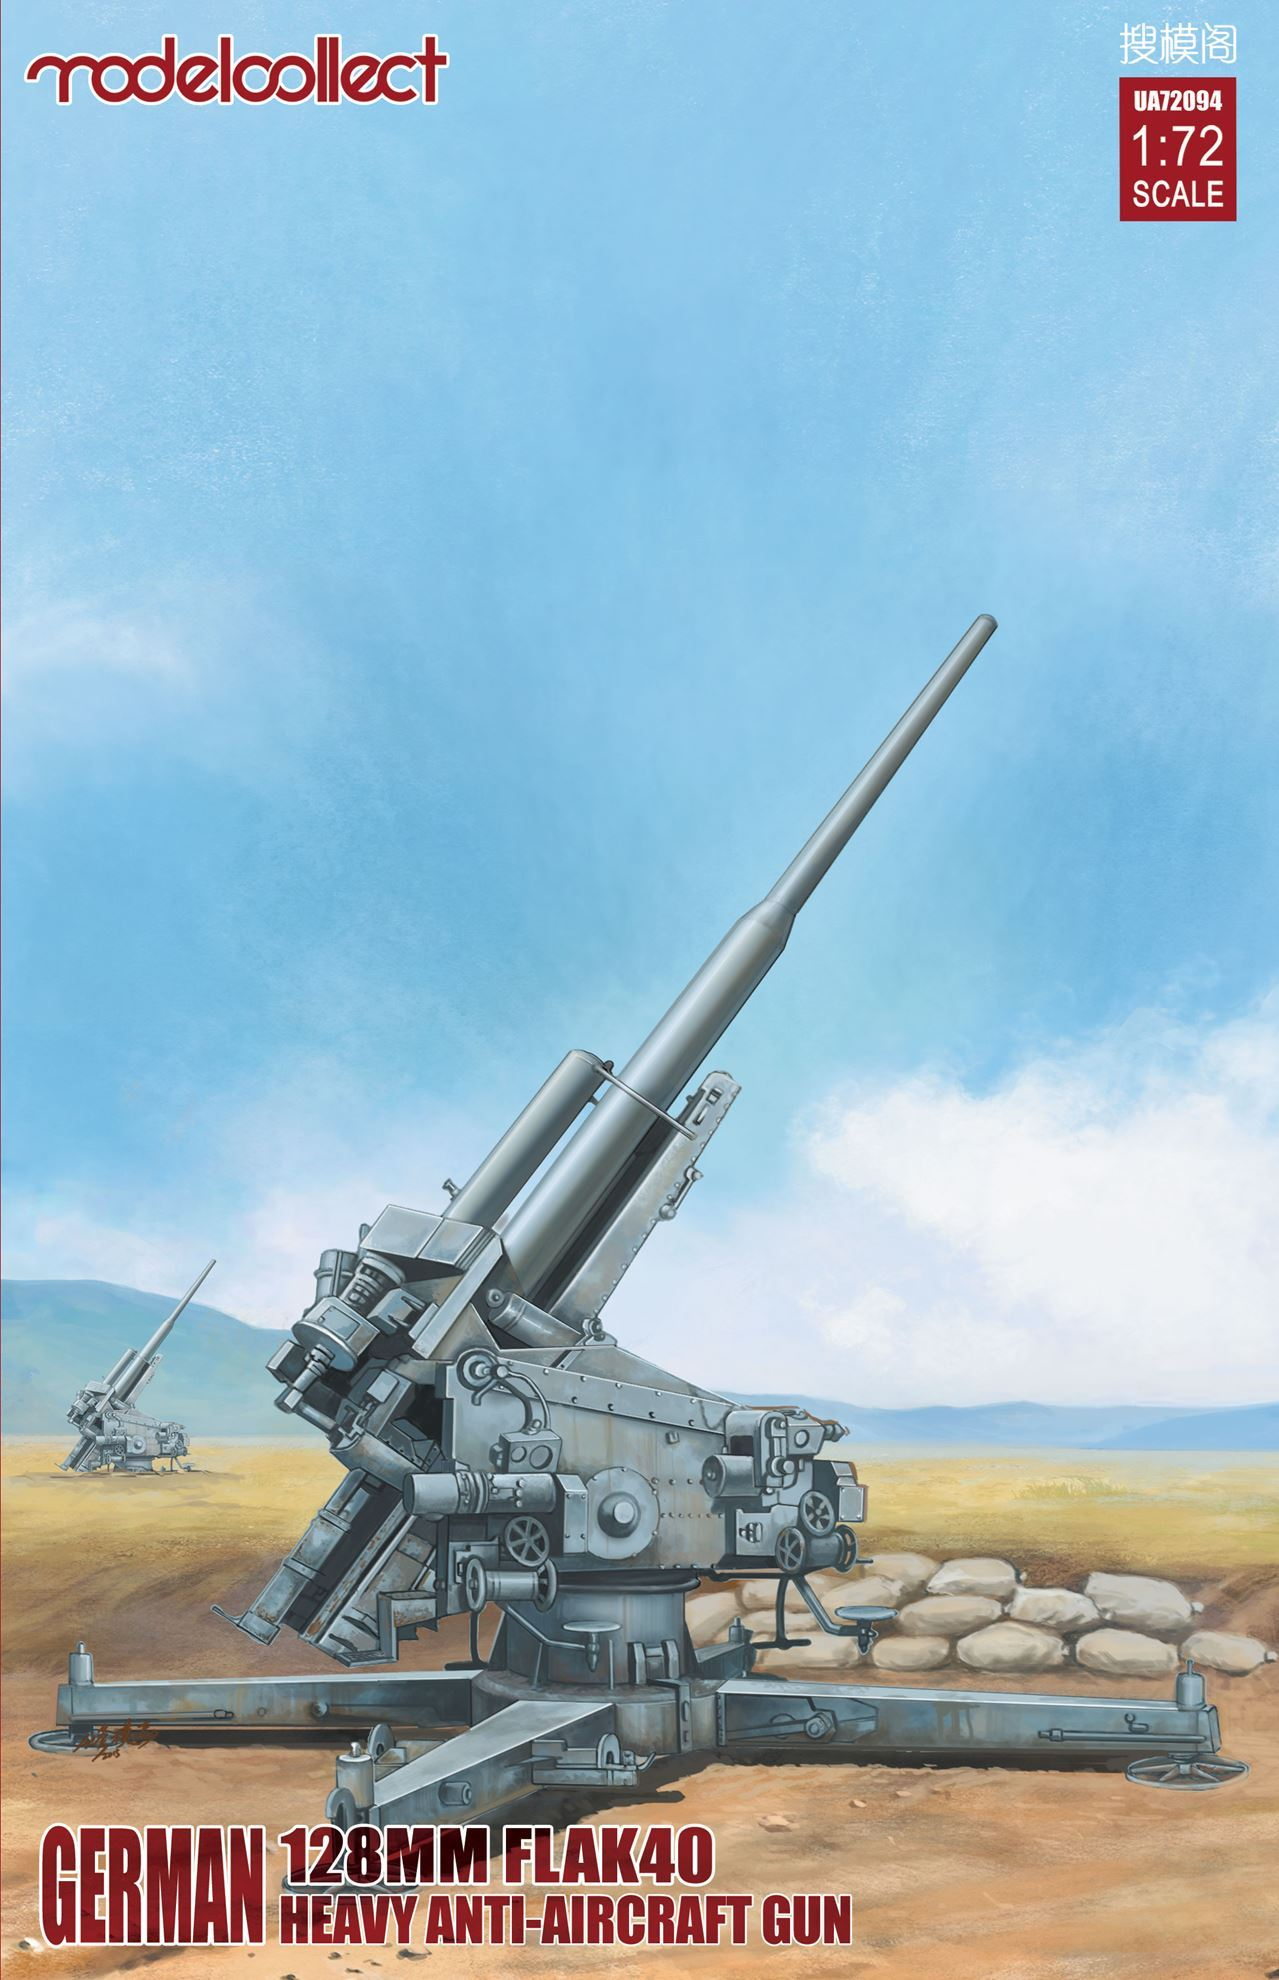 ModelCollect German 128mm Flak40 heavy Anti-Aircraft Gun